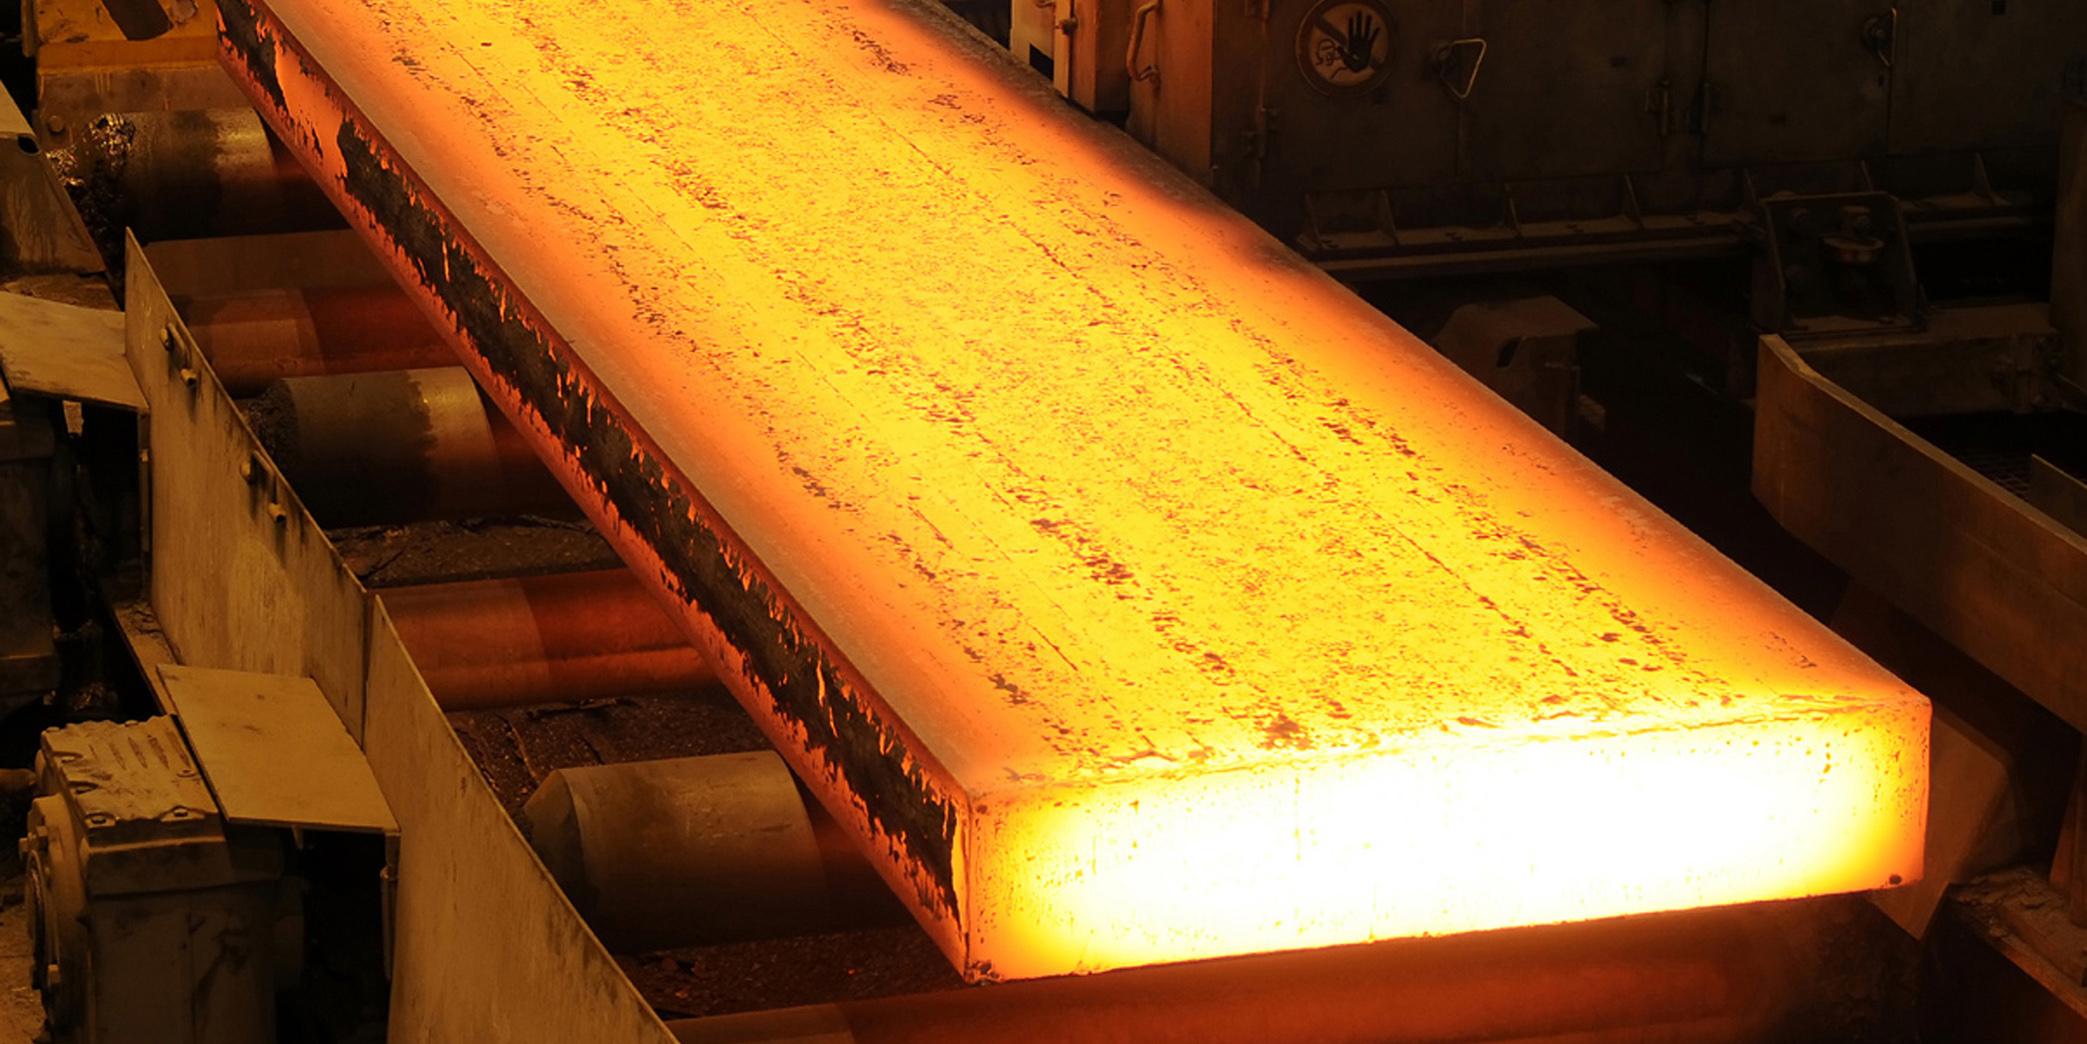 تولیدات فولادی در پنج ماهه نخست امسال به بیش از 4.1 میلیون تن رسید